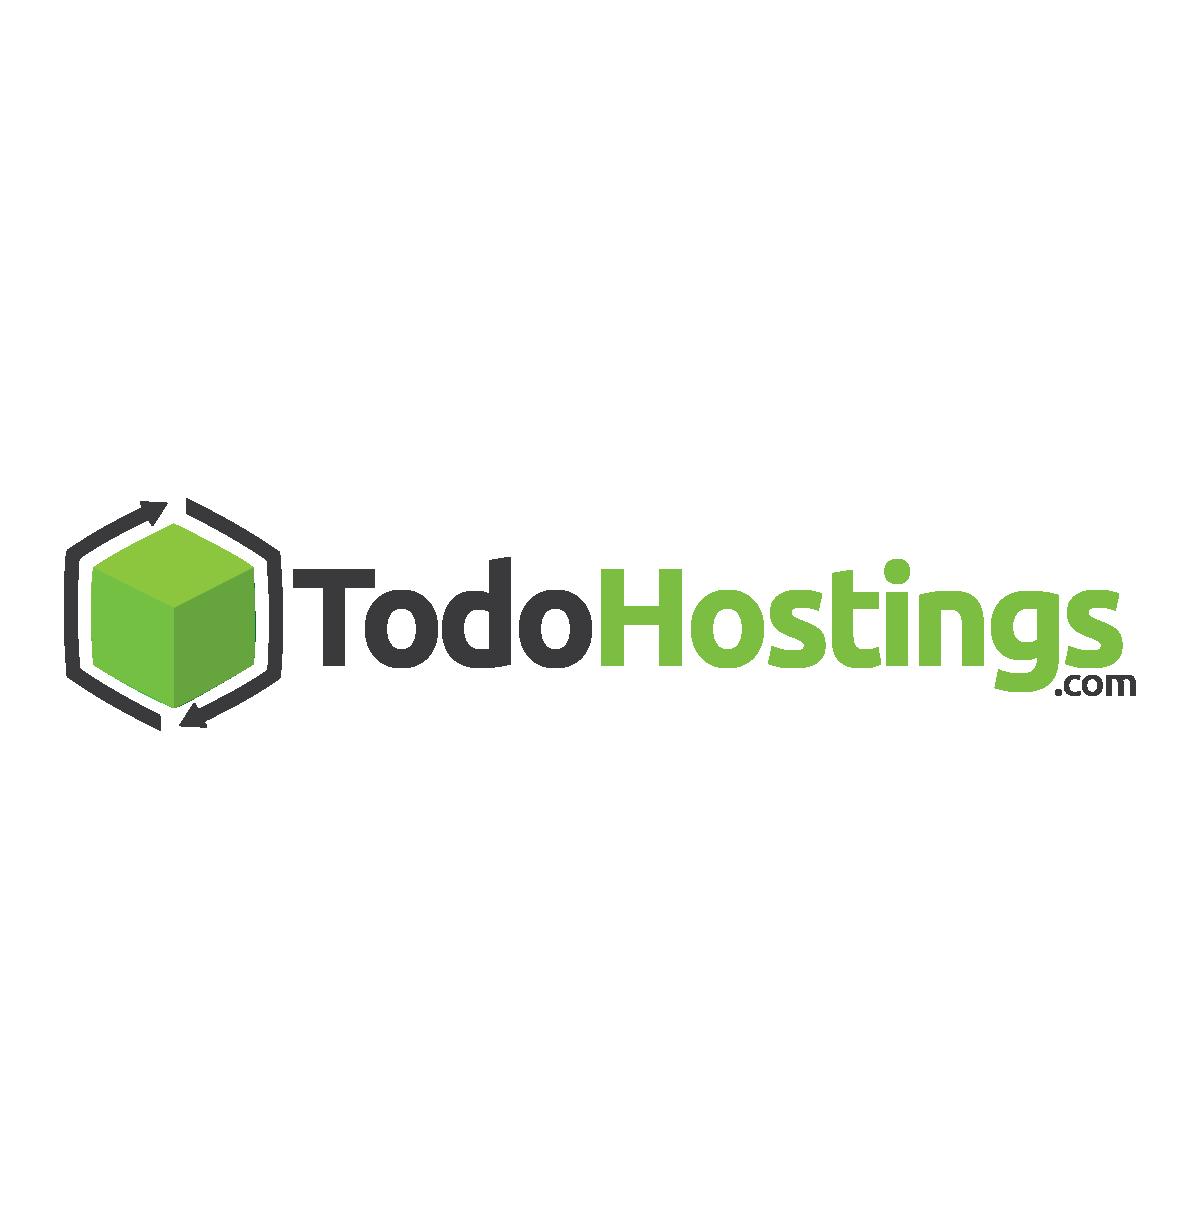 TodoHostings.com, el mejor comparador de servicios de hosting del mercado